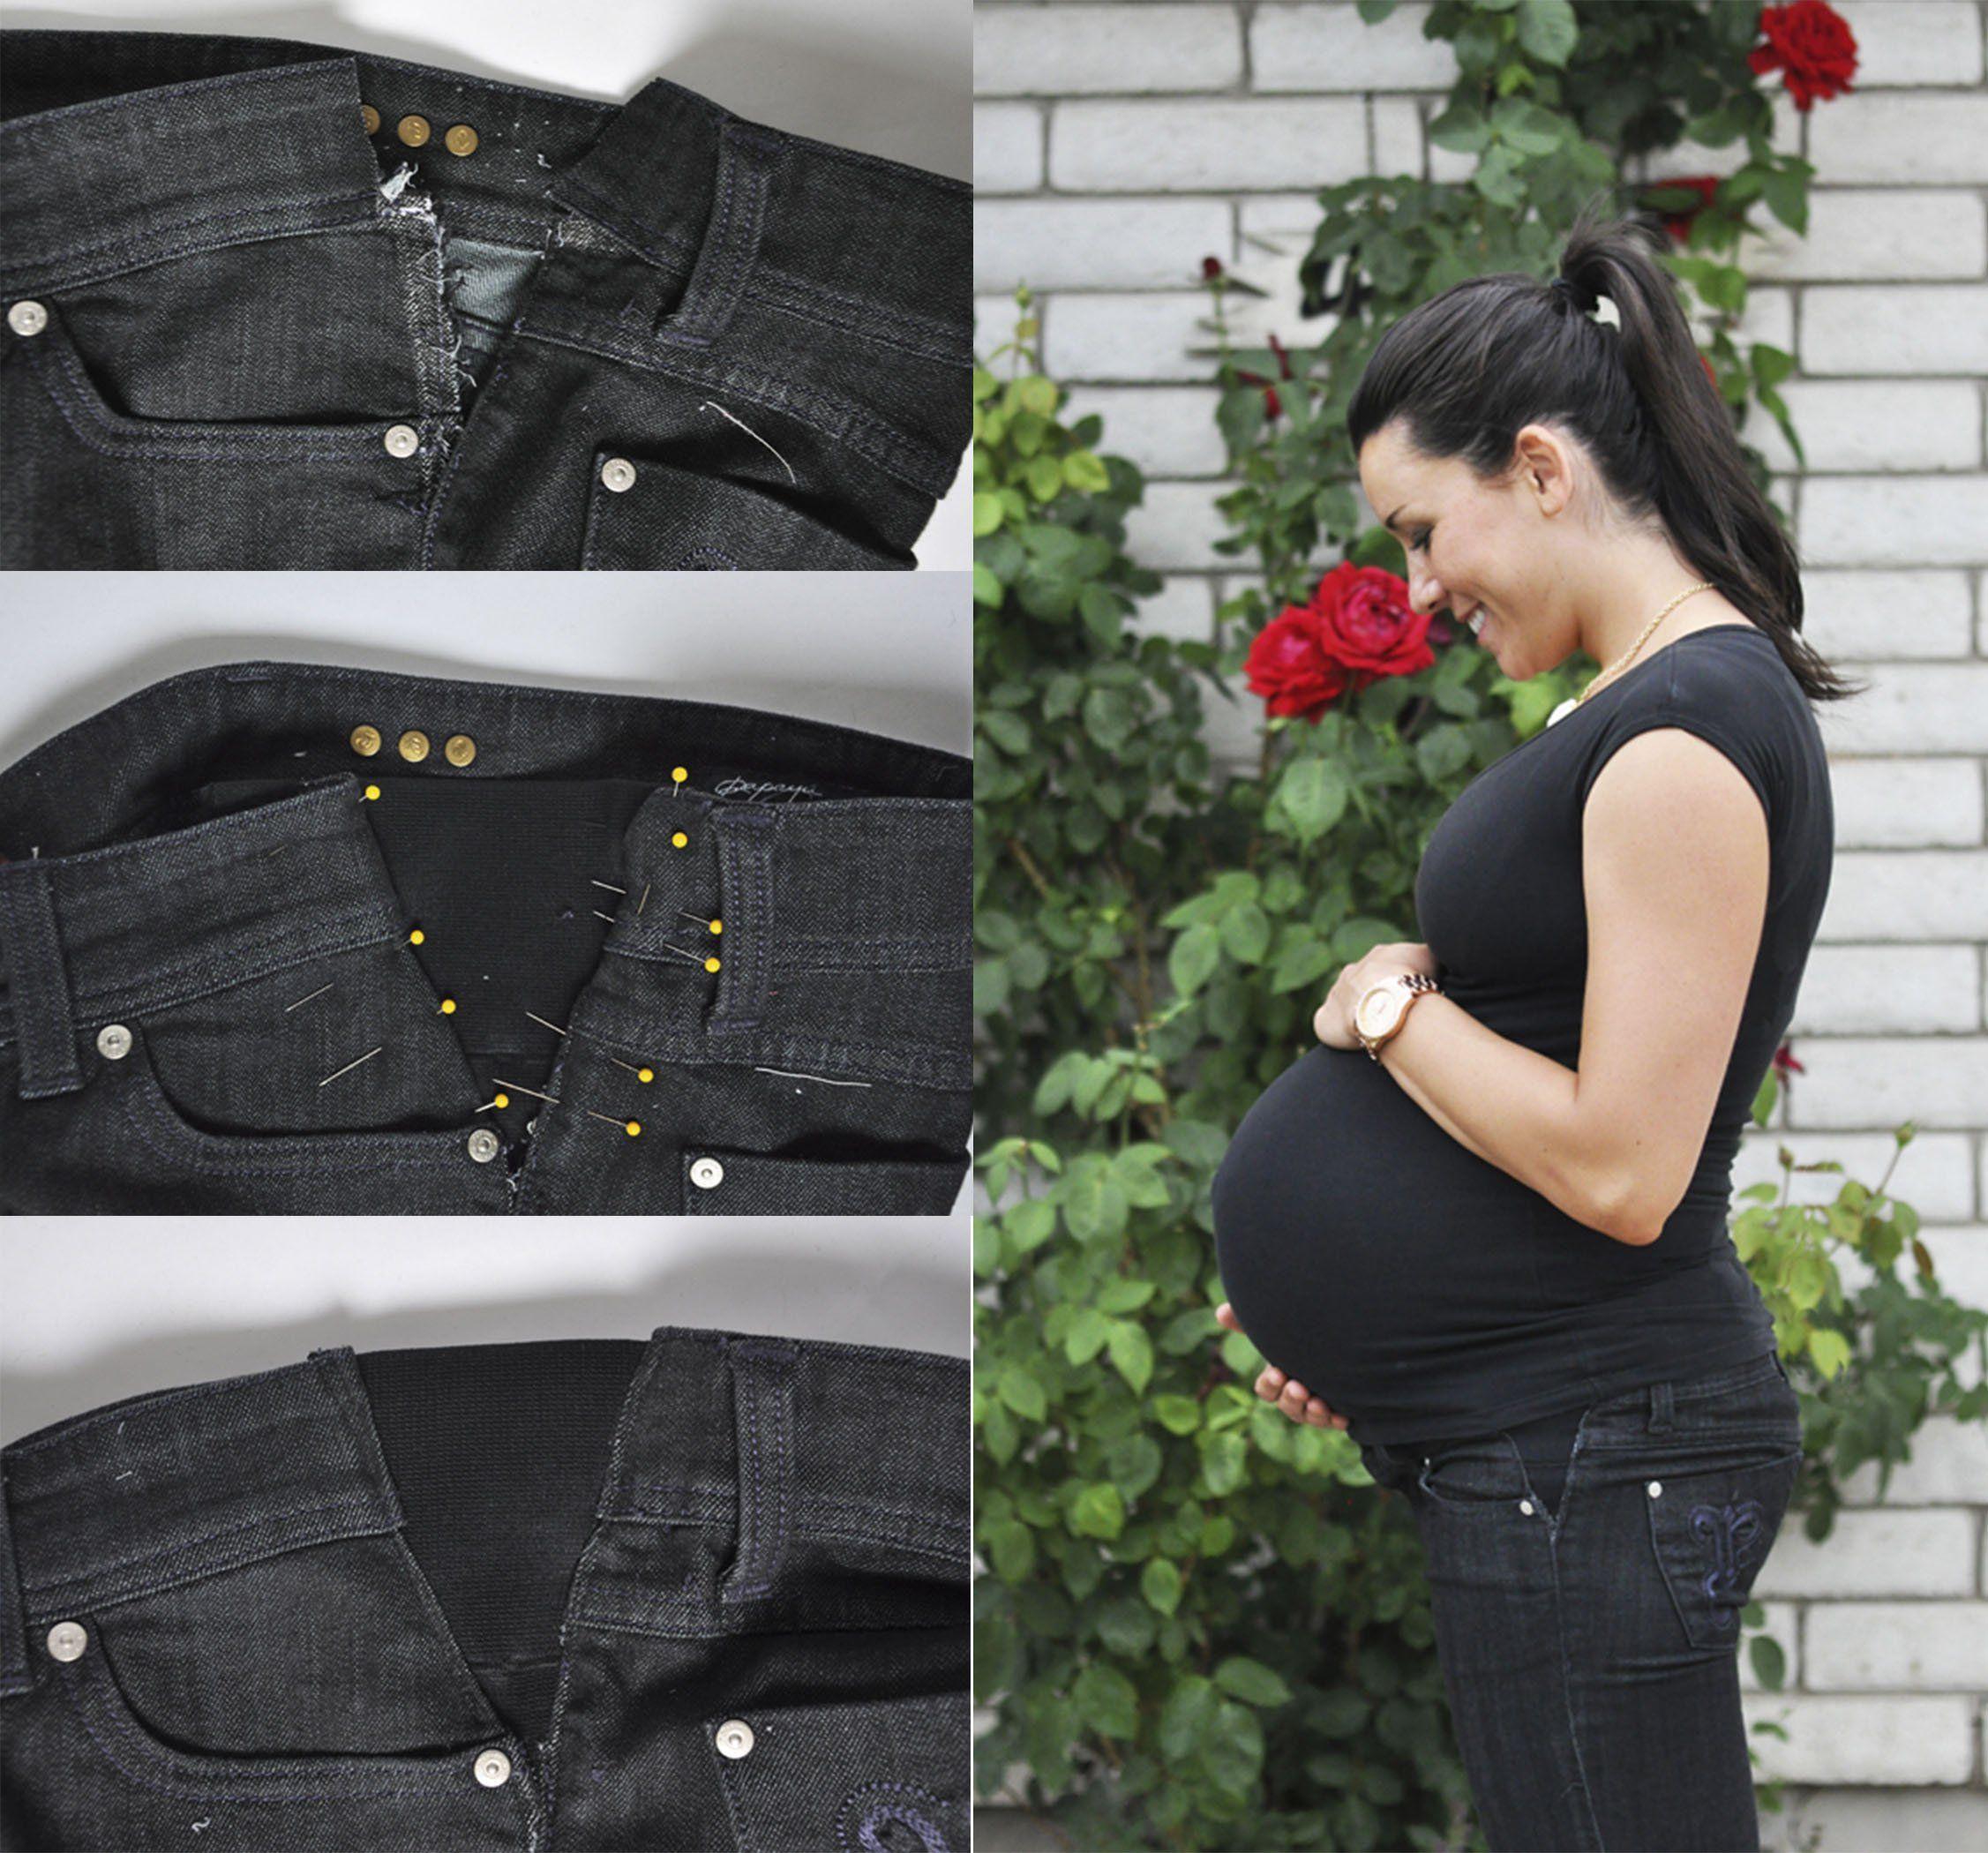 Trucos Para Embarazadas 24 Jpg 2253 2100 Moda Para Embarazadas Pantalones Embarazada Pantalones De Maternidad